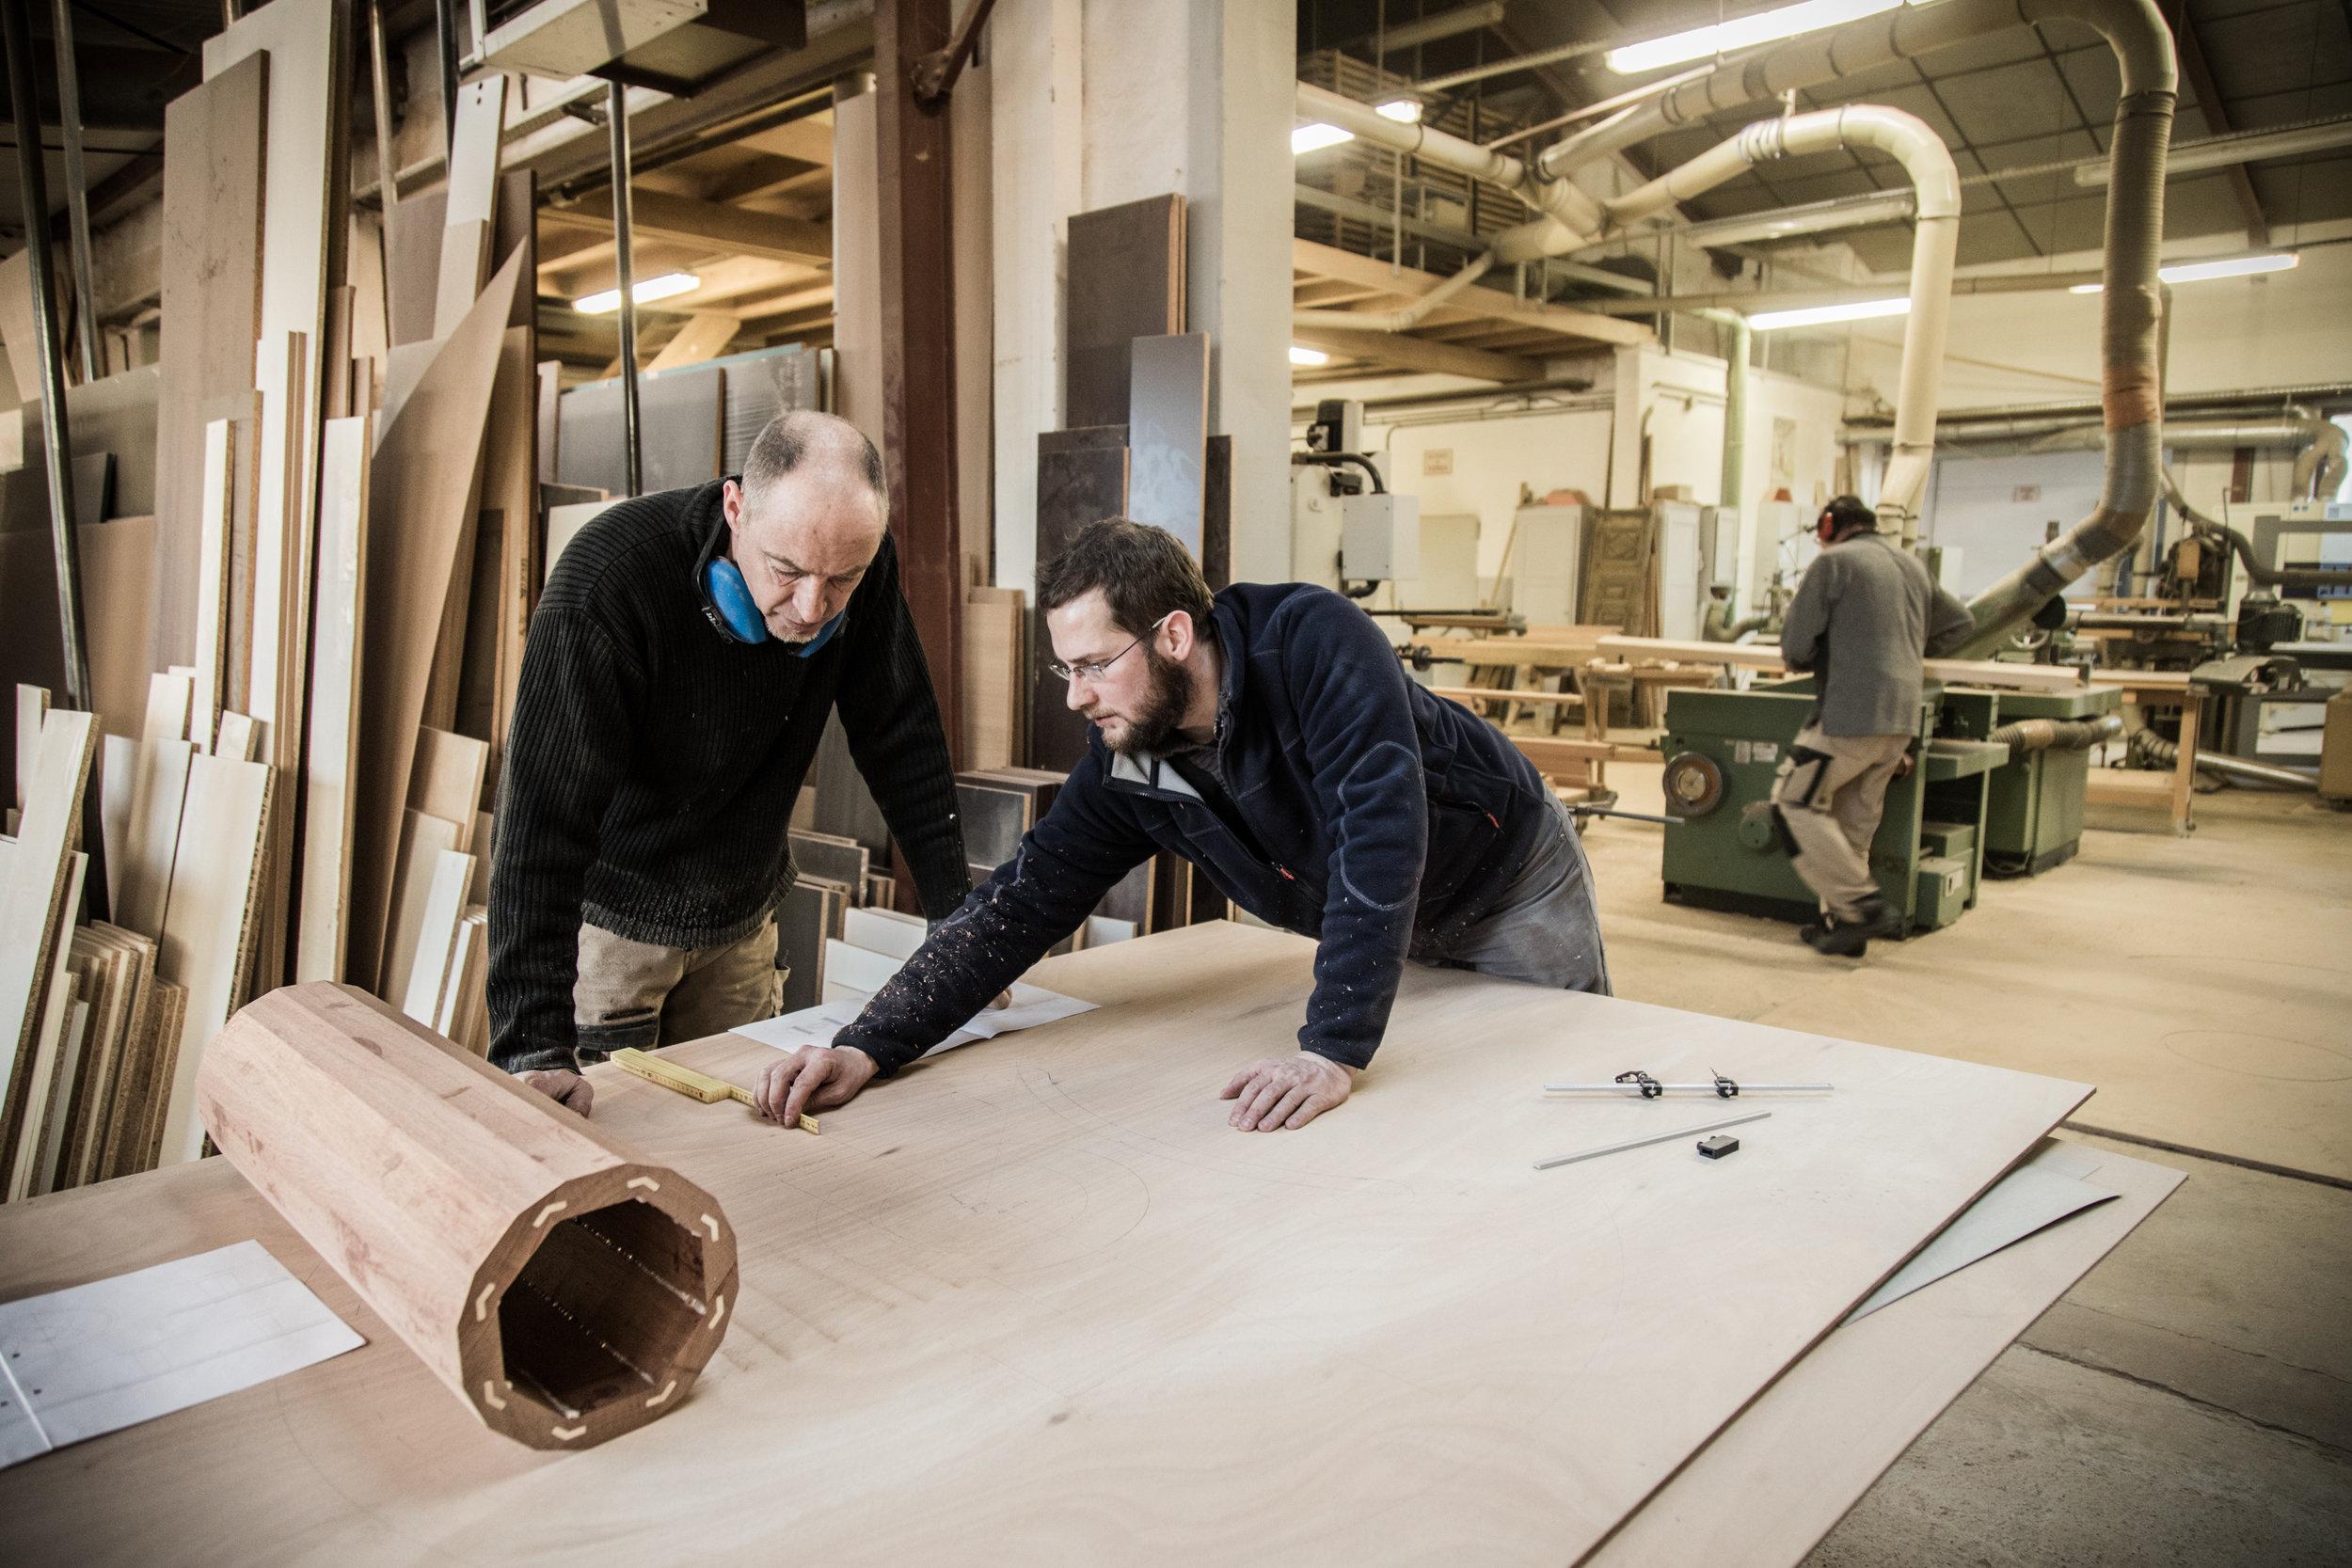 Jean Ledermann en discussion avec son second. Meilleur Ouvrier de France et ébéniste,Jean Ledermann a repris l'entreprise de Guy Daheuille. Ce dernier, MOF lui-même,l' avait accueilli pour son apprentissage.